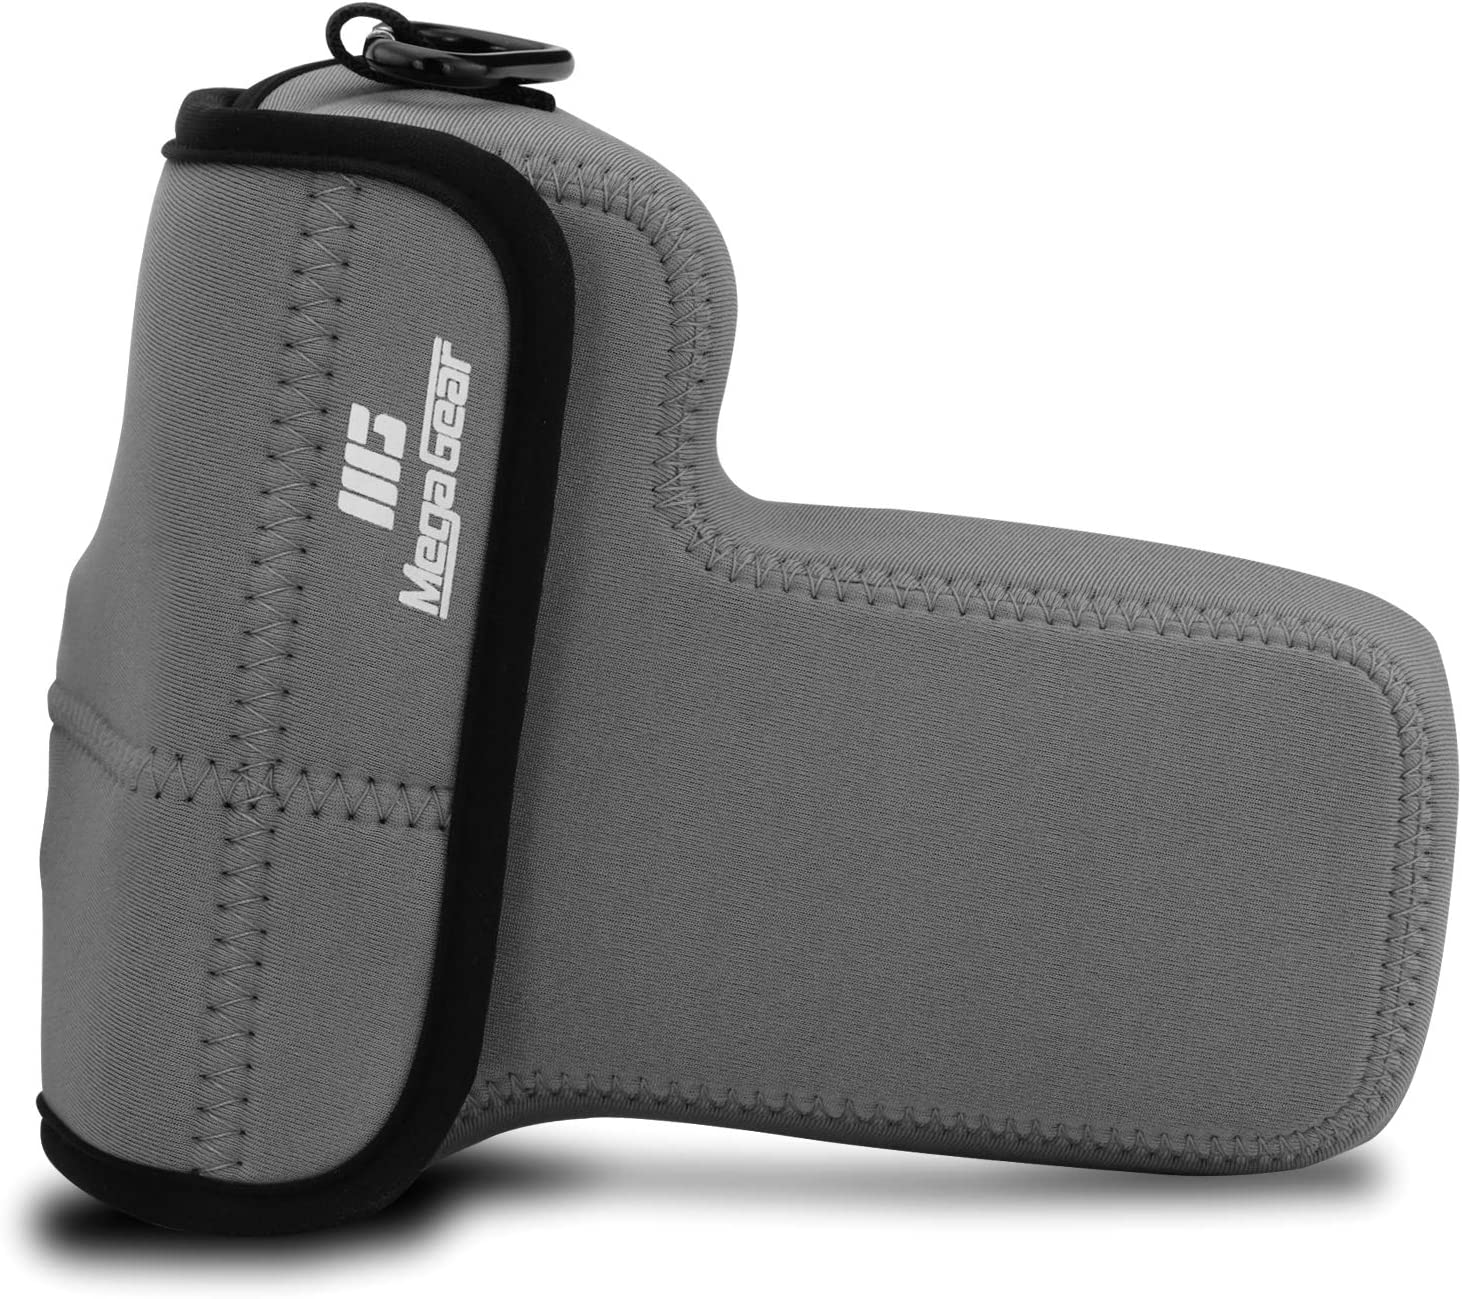 MegaGear Ultra Light Neoprene Camera Compatible Nikon Case 4 1 year warranty years warranty with